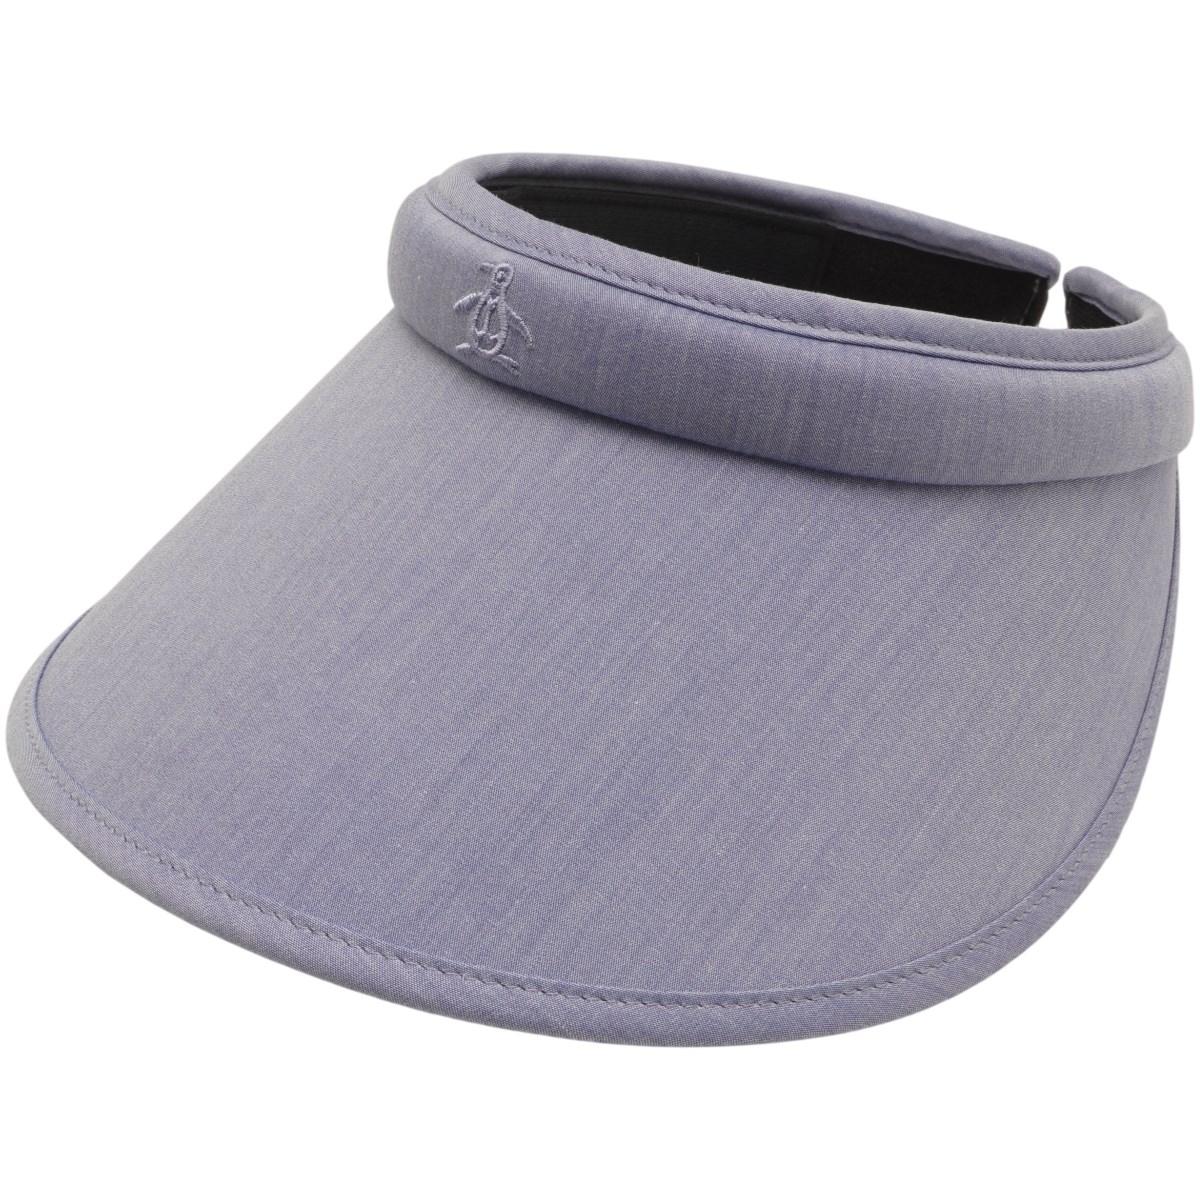 マンシングウェア Munsingwear クリップサンバイザー フリー ブルー 00 レディス